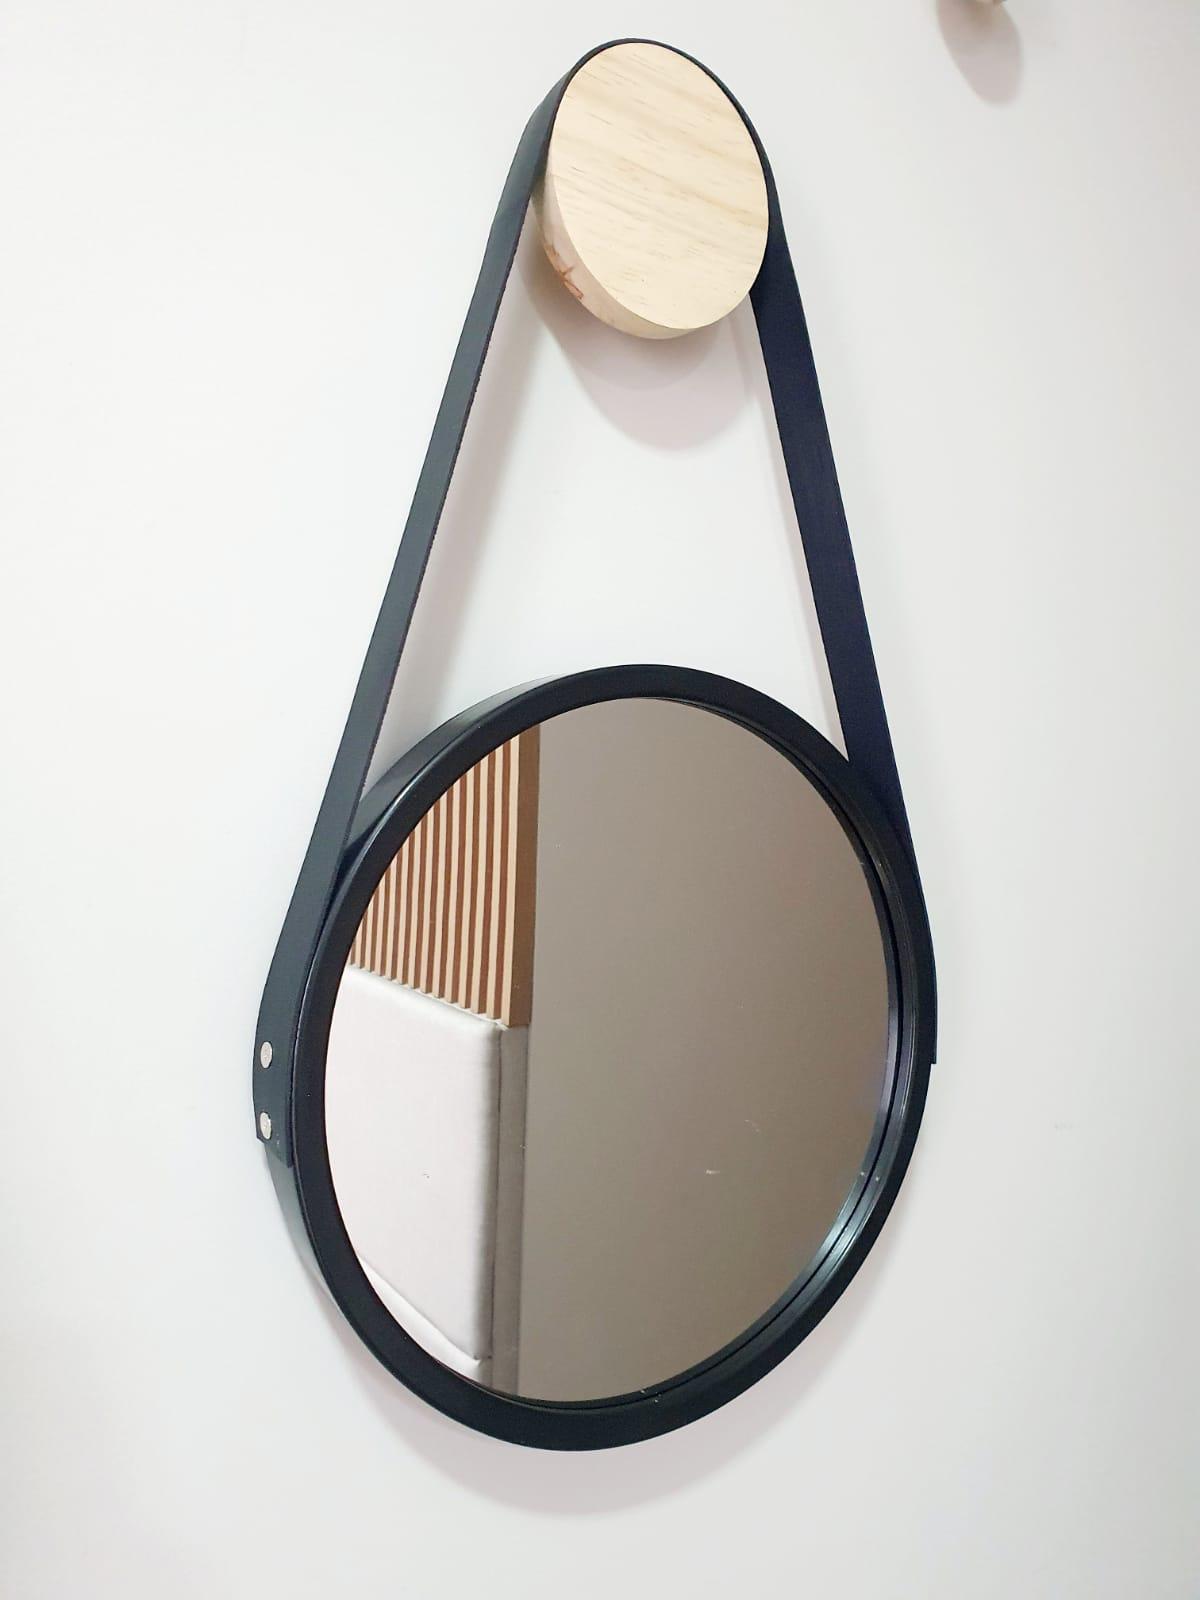 Espelho ADENET redondo 33cm - preto com alça de couro sintético